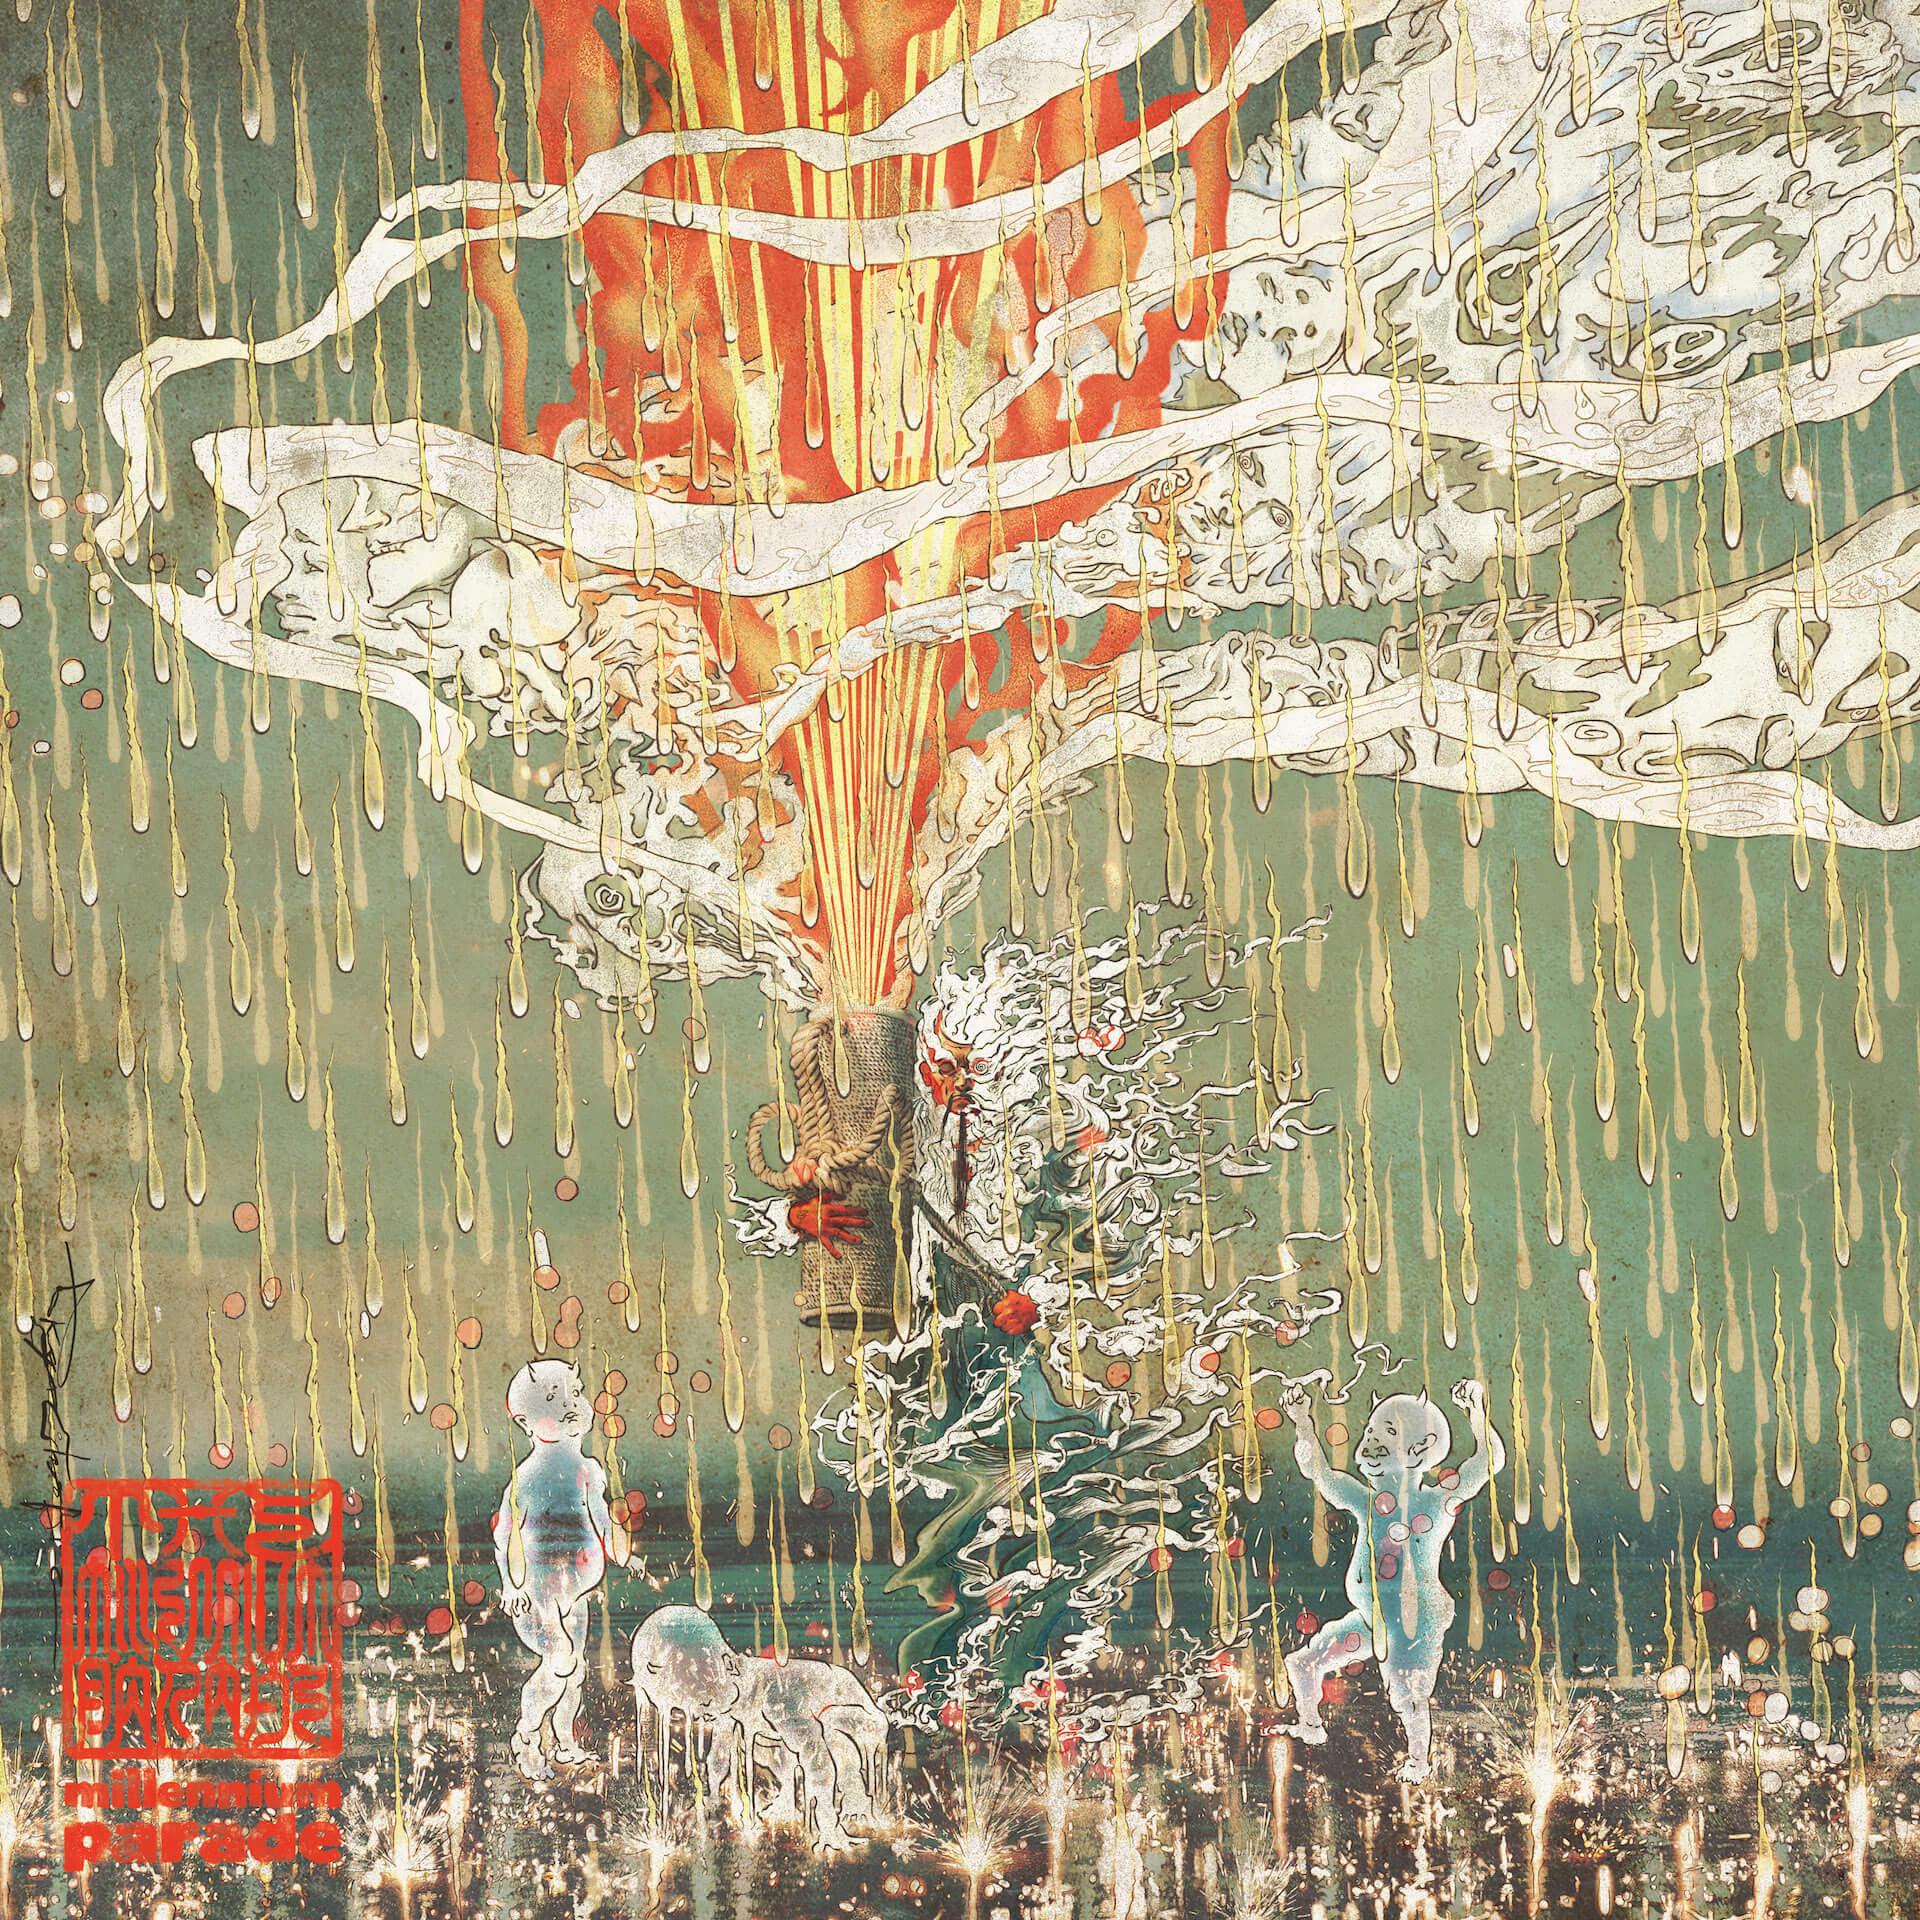 """常田大希率いるmillennium paradeの新曲""""FAMILIA""""が配信開始&MV解禁!『ヤクザと家族 The Family』の綾野剛らも出演 music210120_millenniumparade_9"""